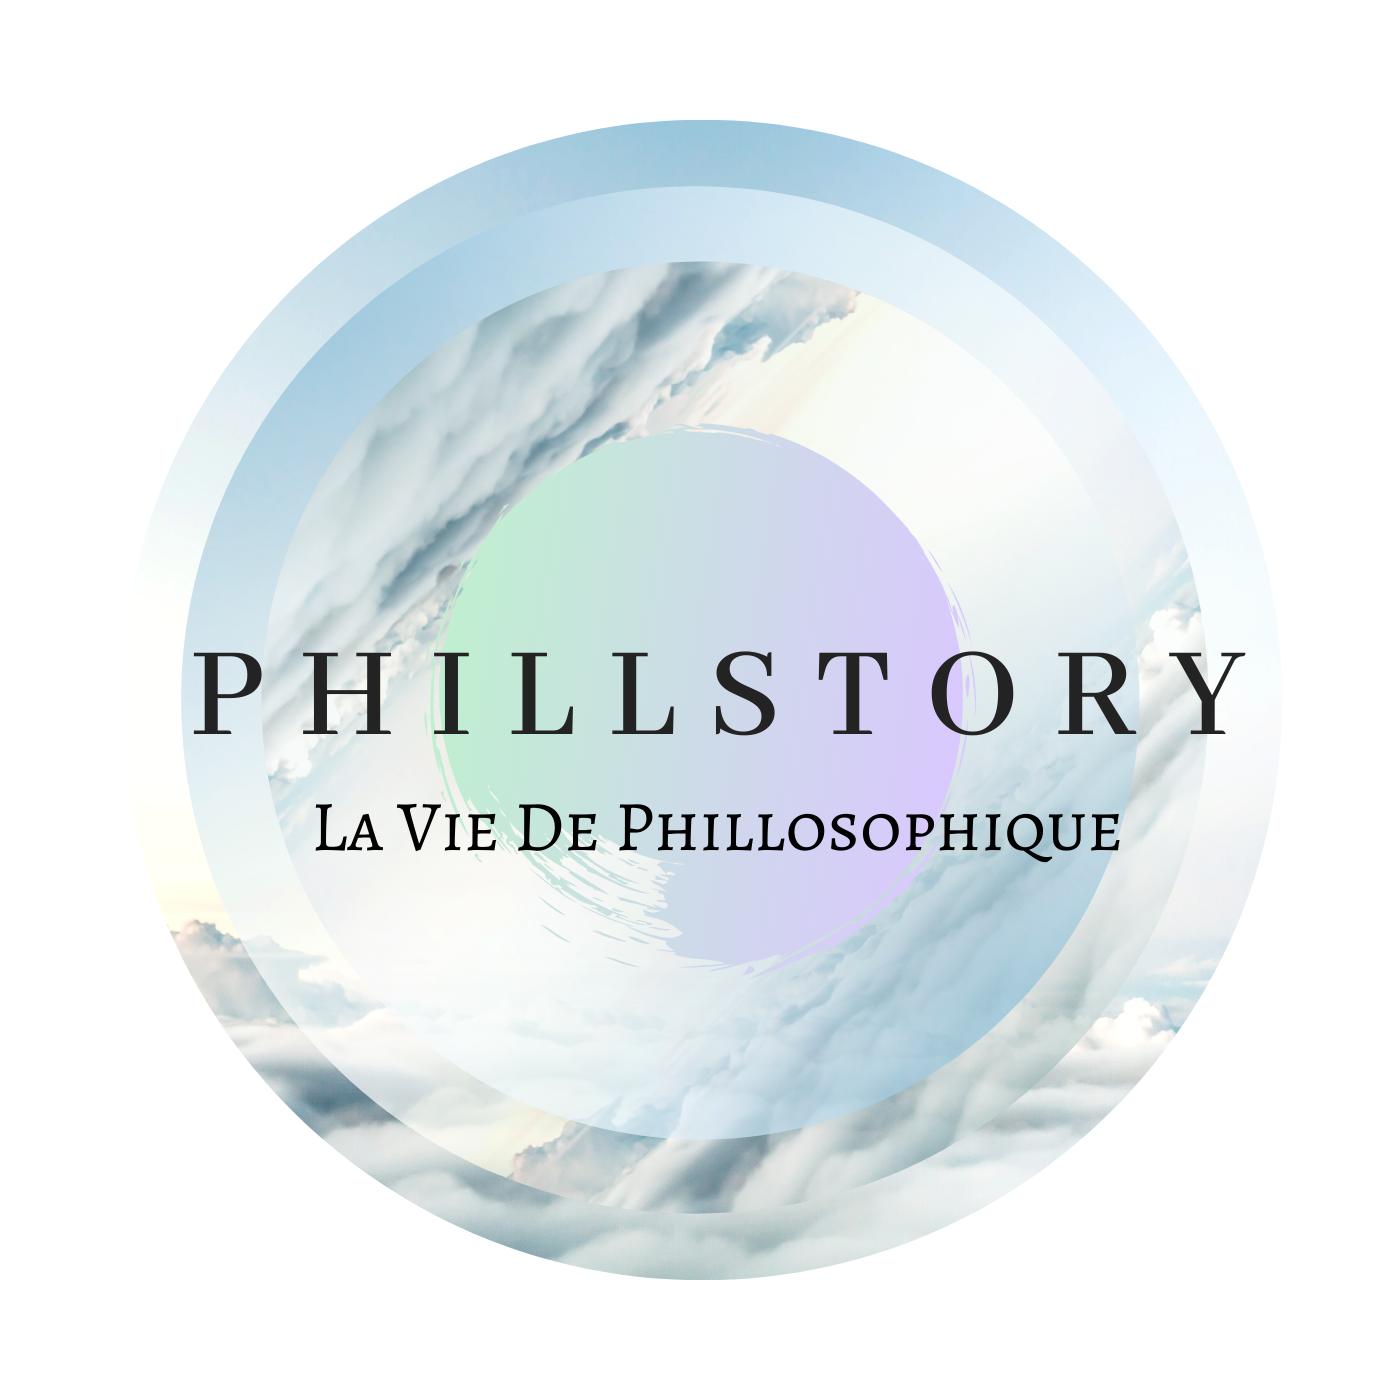 PHILLSTORY